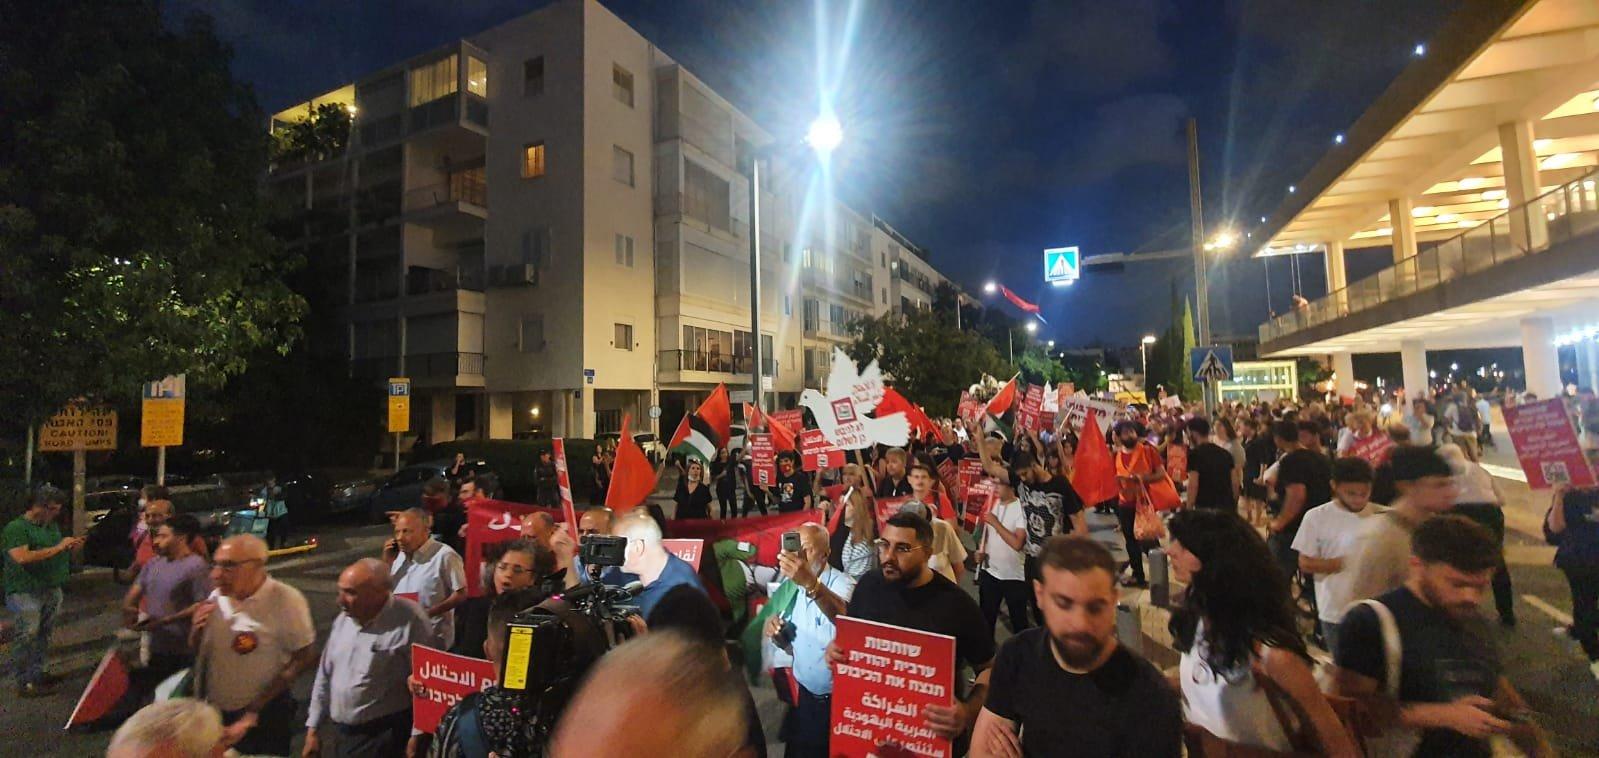 تل ابيب: انطلاق المظاهرة العربية- اليهودية بذكرى حرب ااـ67-3